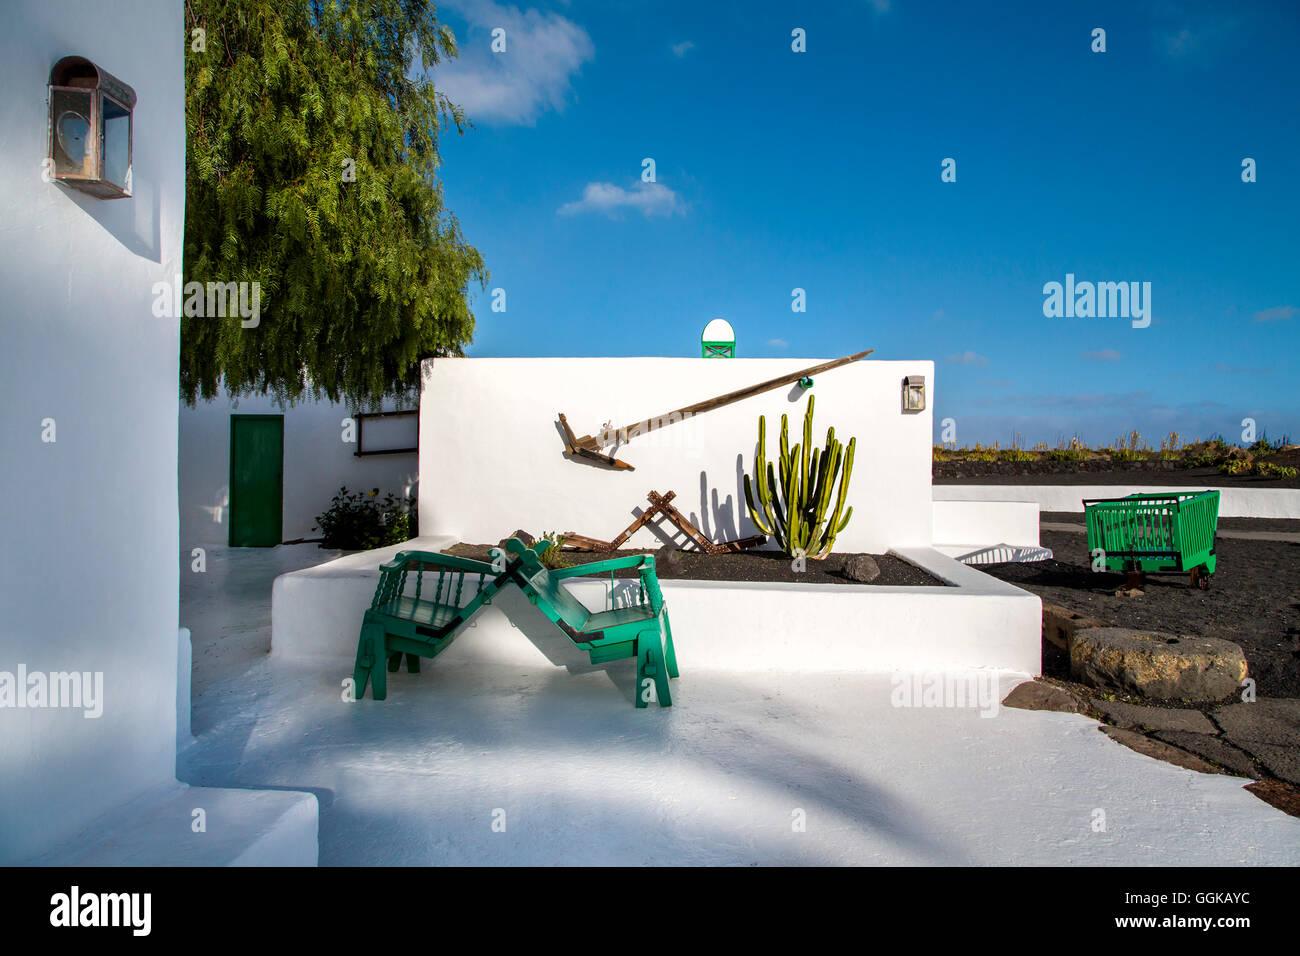 Cestello per cammelli, Museo del Campesino, Monumento al Campesino, Lanzarote, Isole Canarie, Spagna Immagini Stock